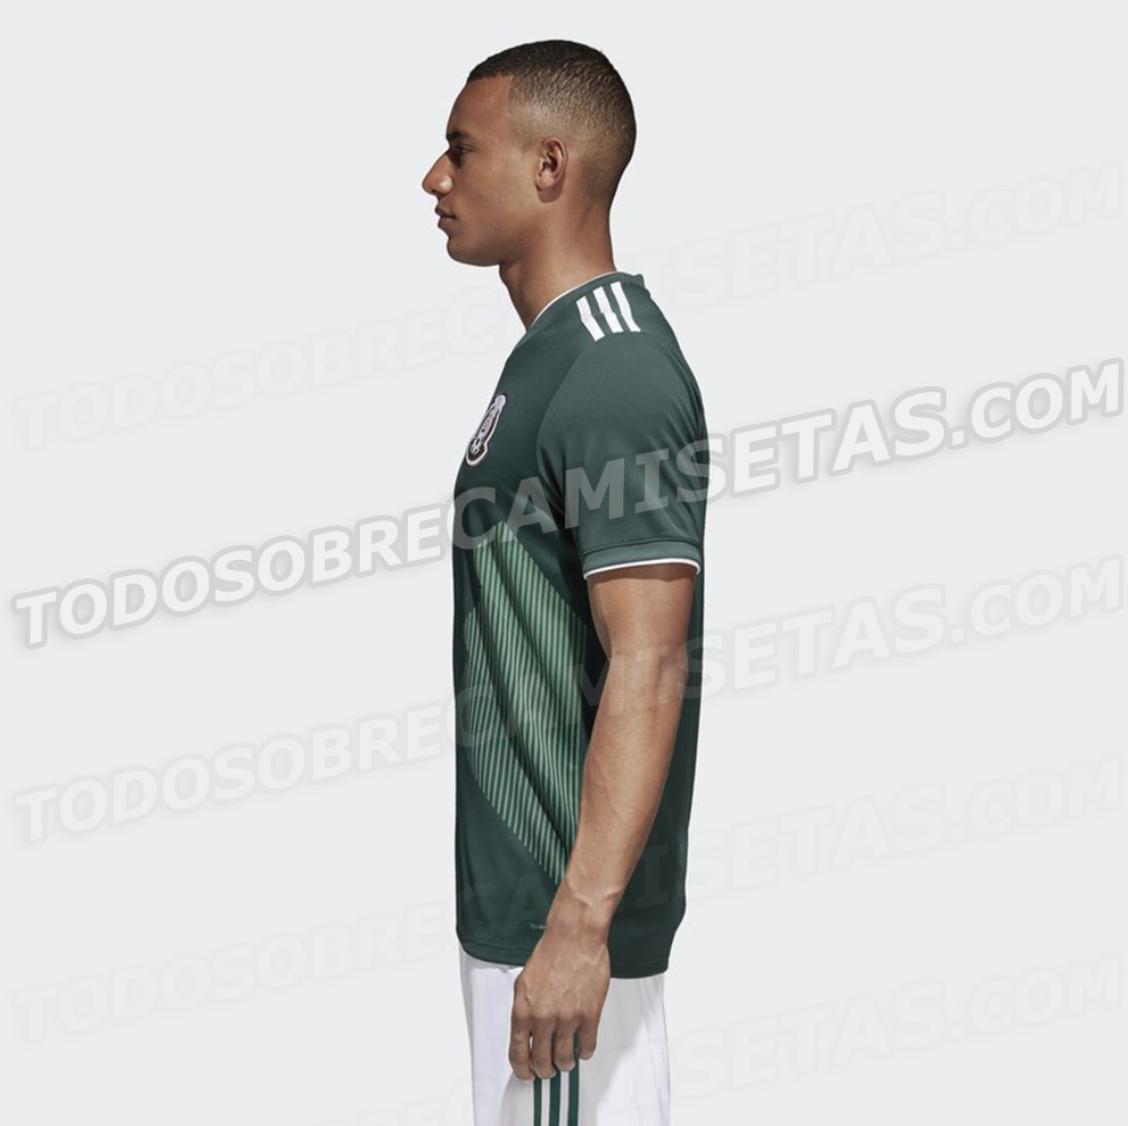 Uniforme Selección mexicana Mundial Rusia 2018